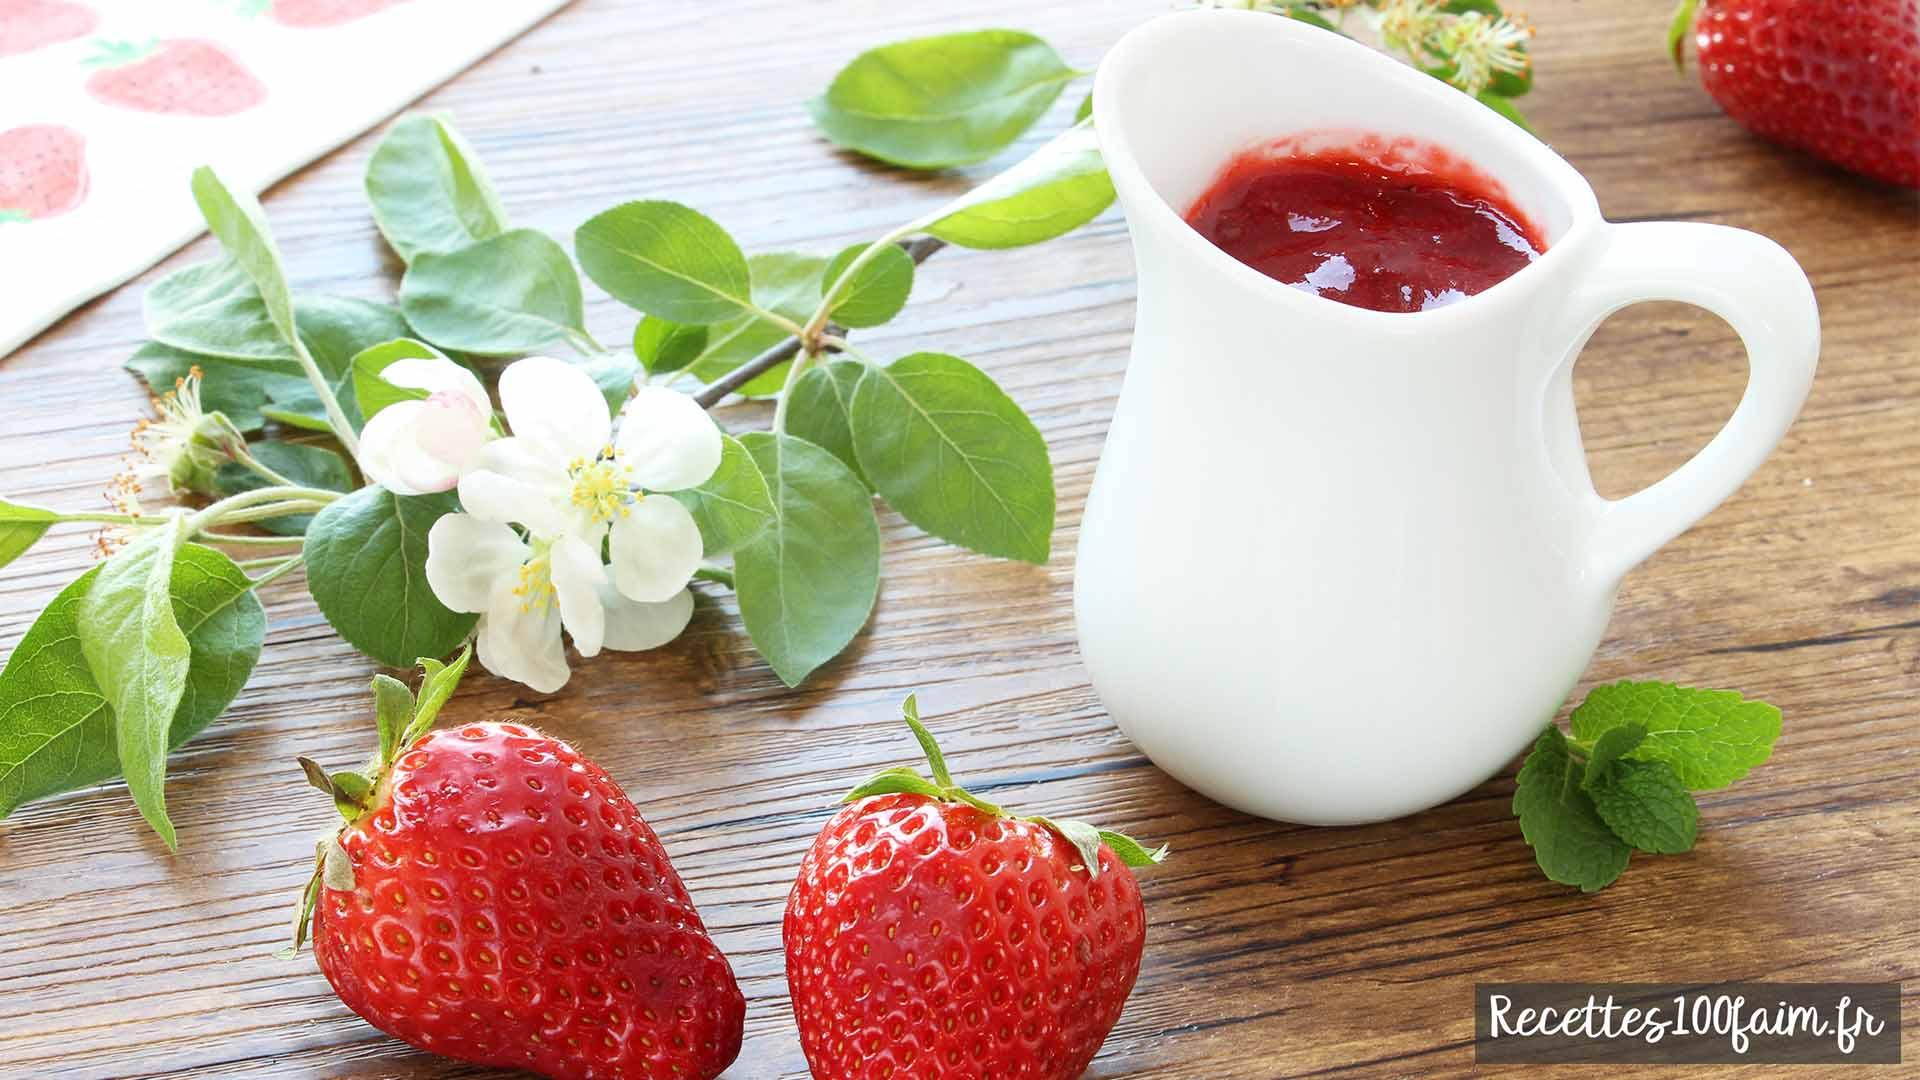 Recette de coulis de fraises et menthe